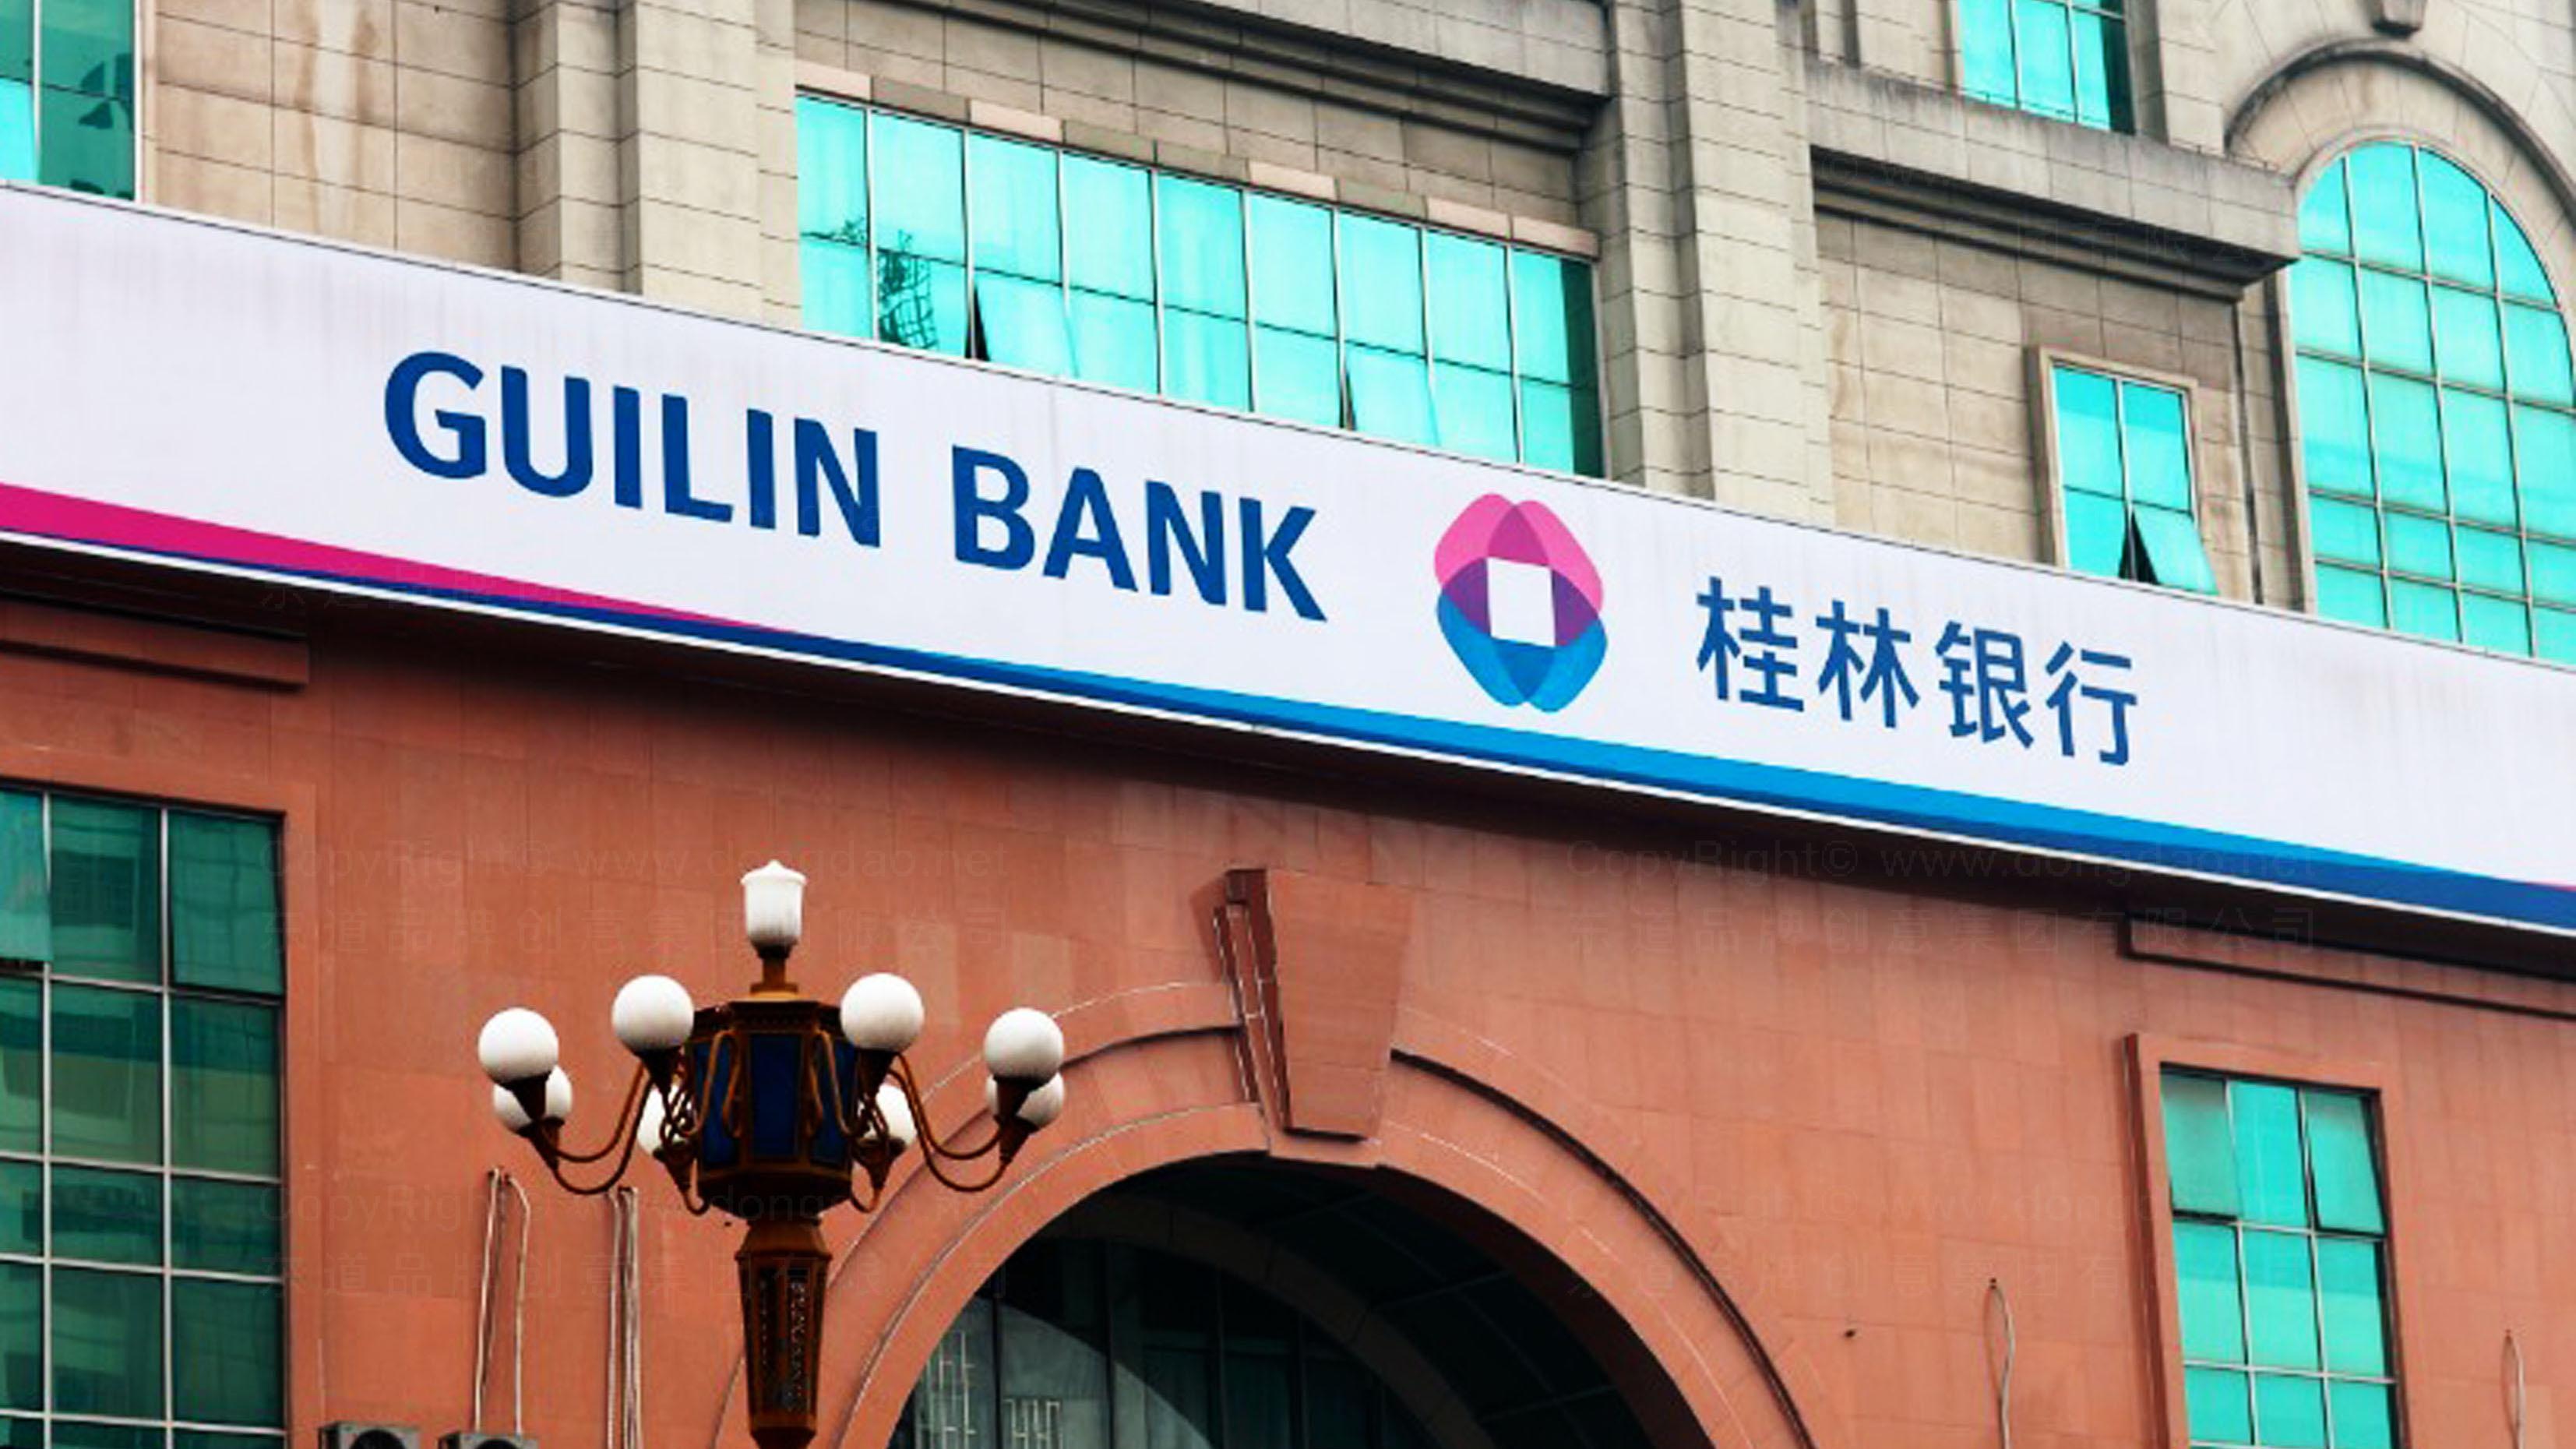 银行金融落地工程桂林银行装饰工程标识制作